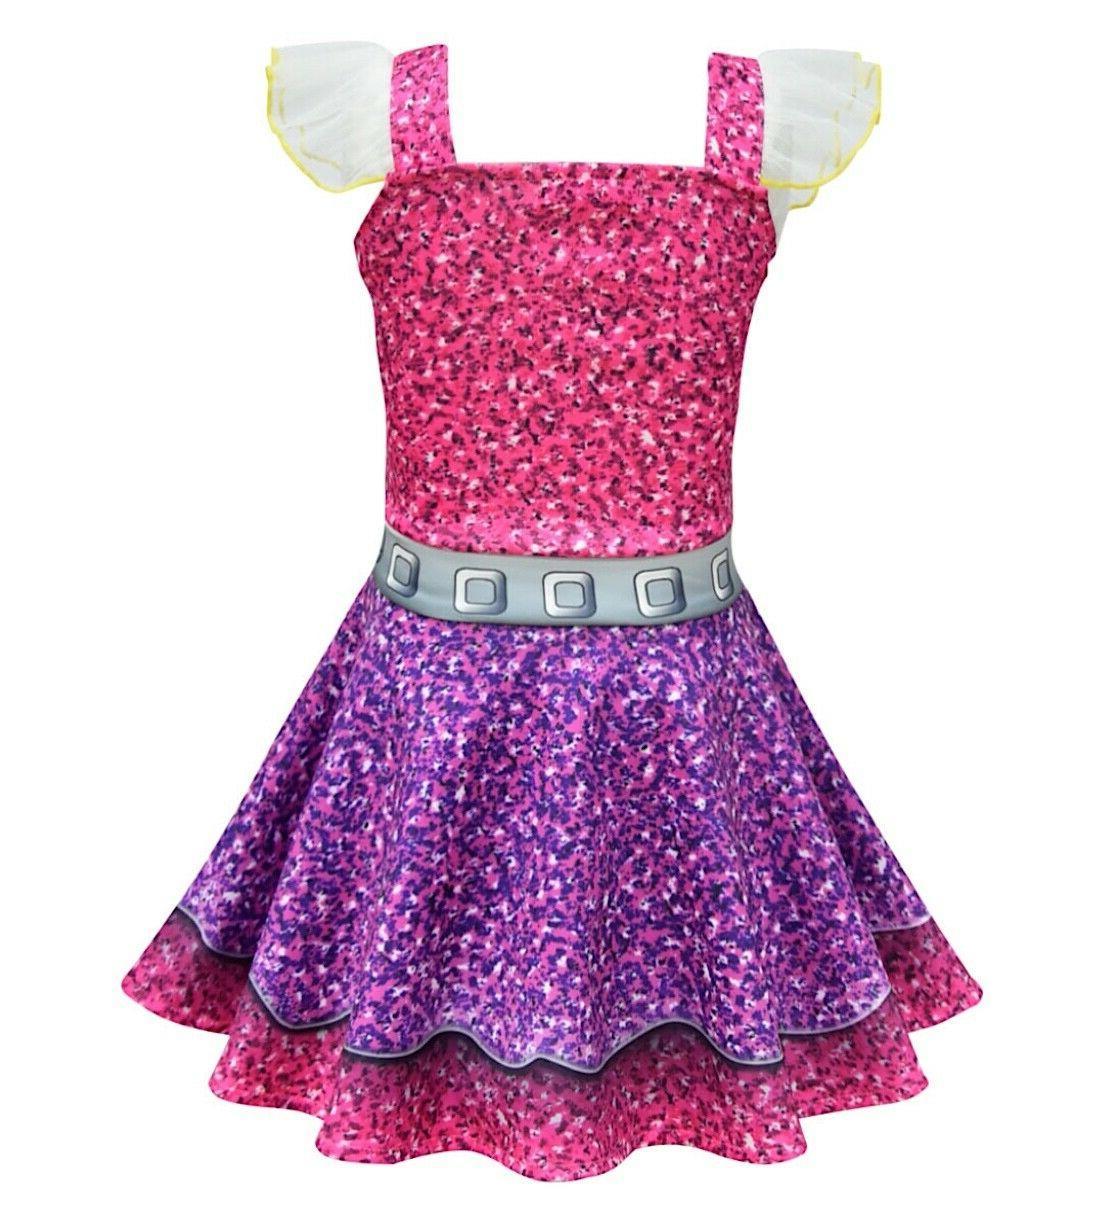 Simil Lol Purple Dress Child Fleeced LOLPUQ1